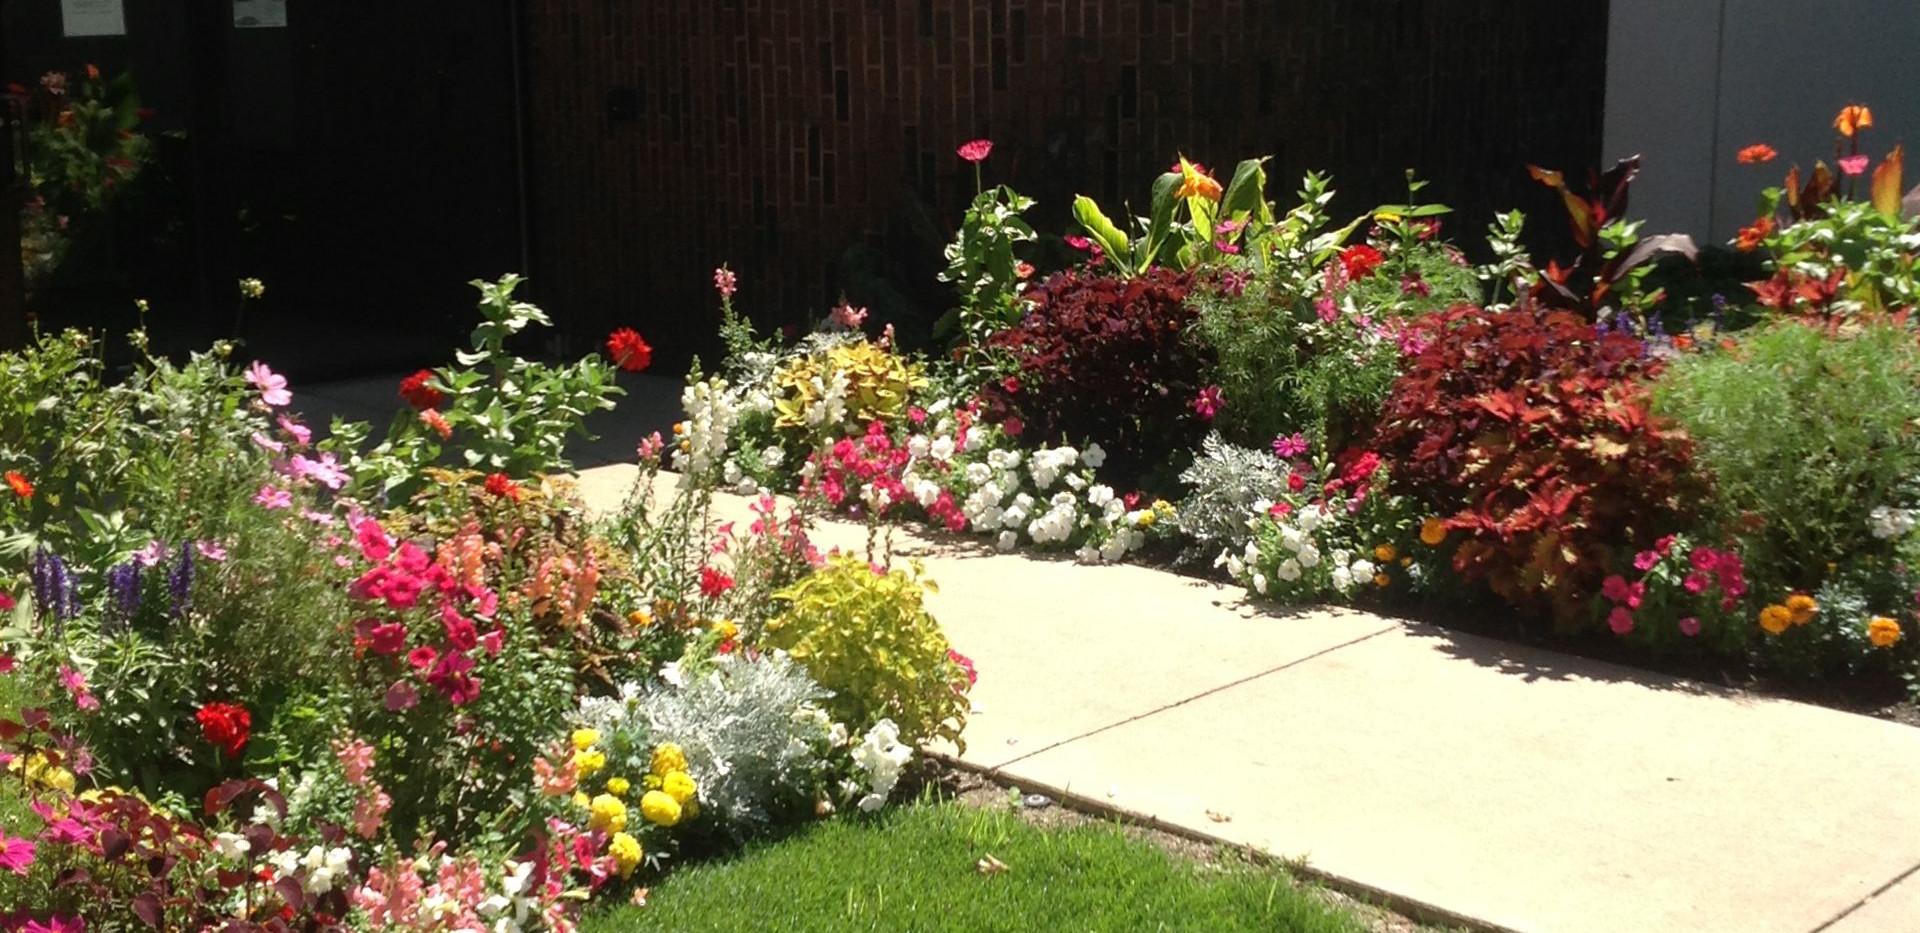 Entrance Floral Landscape_Grand Haven Ga